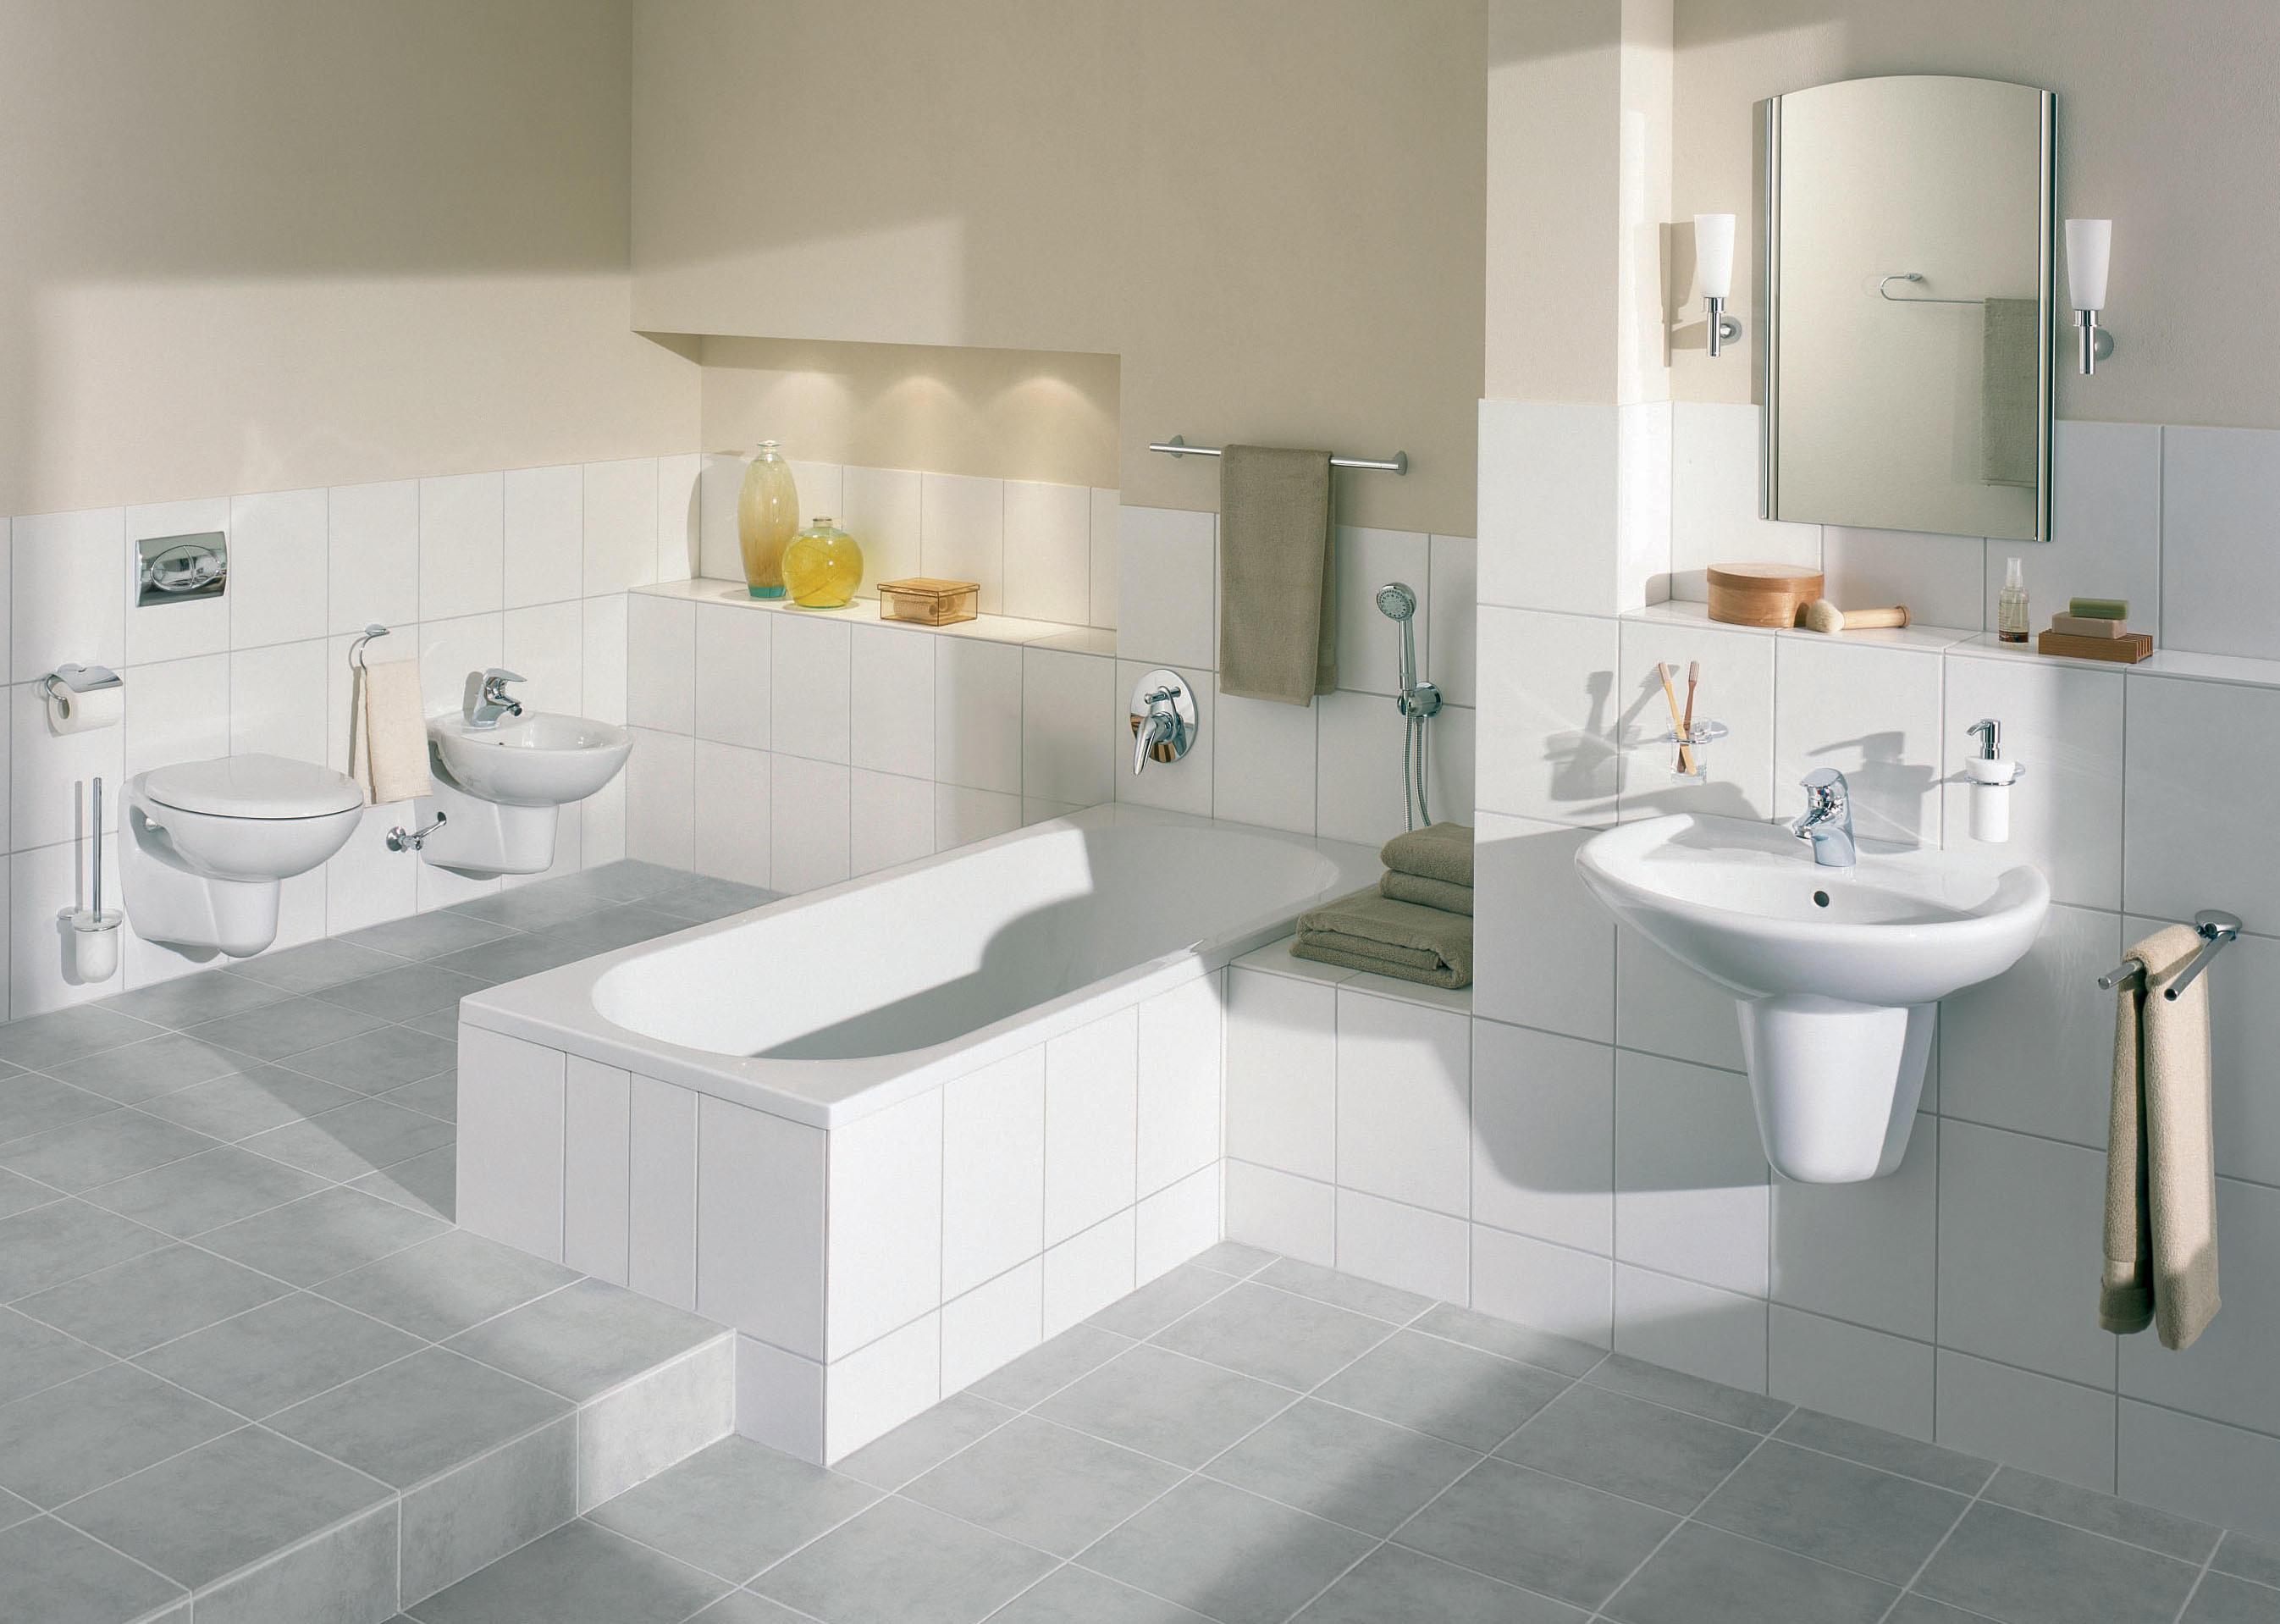 ceramix blue badearmatur up unterputz bausatz 2 badewannenarmaturen von ideal standard. Black Bedroom Furniture Sets. Home Design Ideas